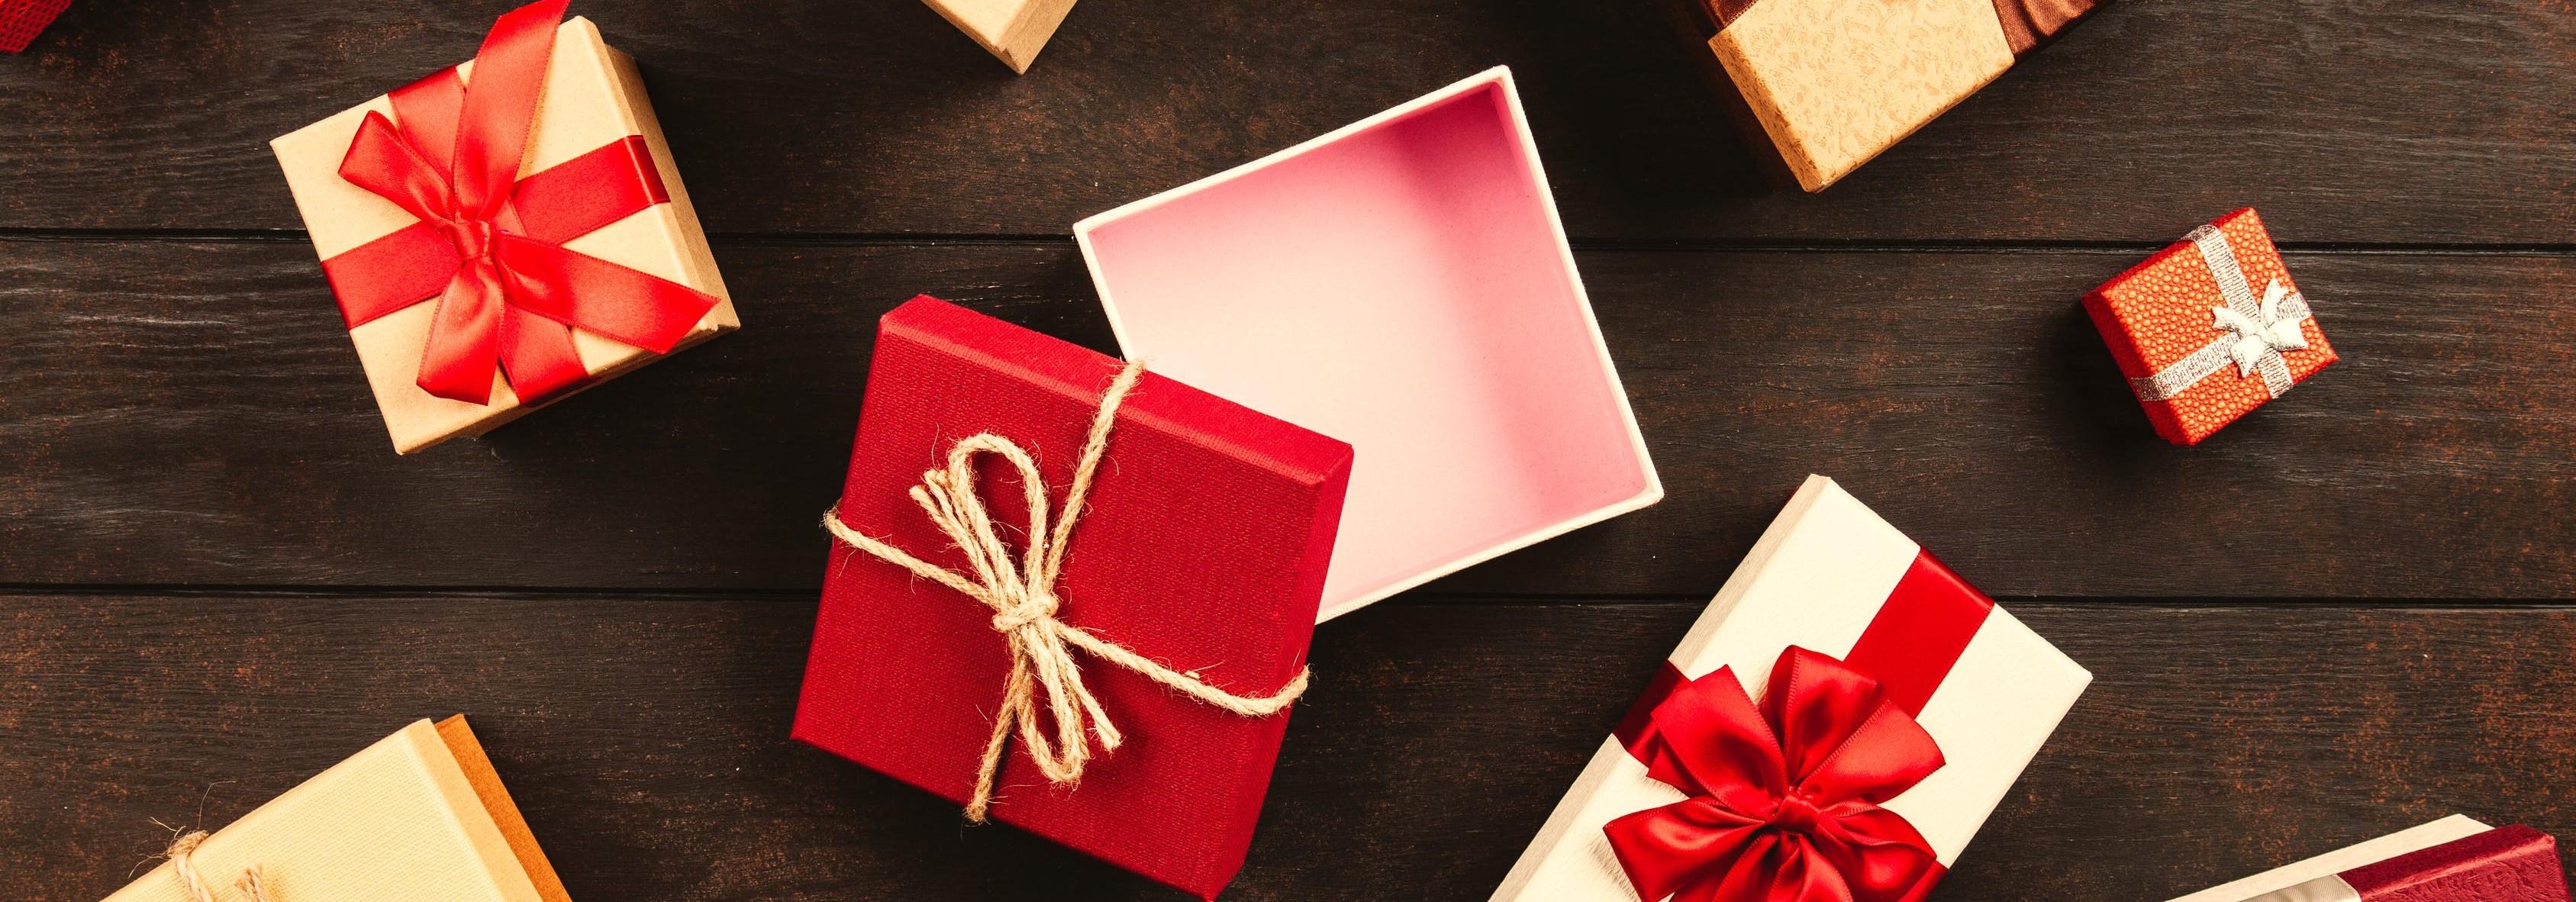 Kalėdinių dovanų idėjos [2019]